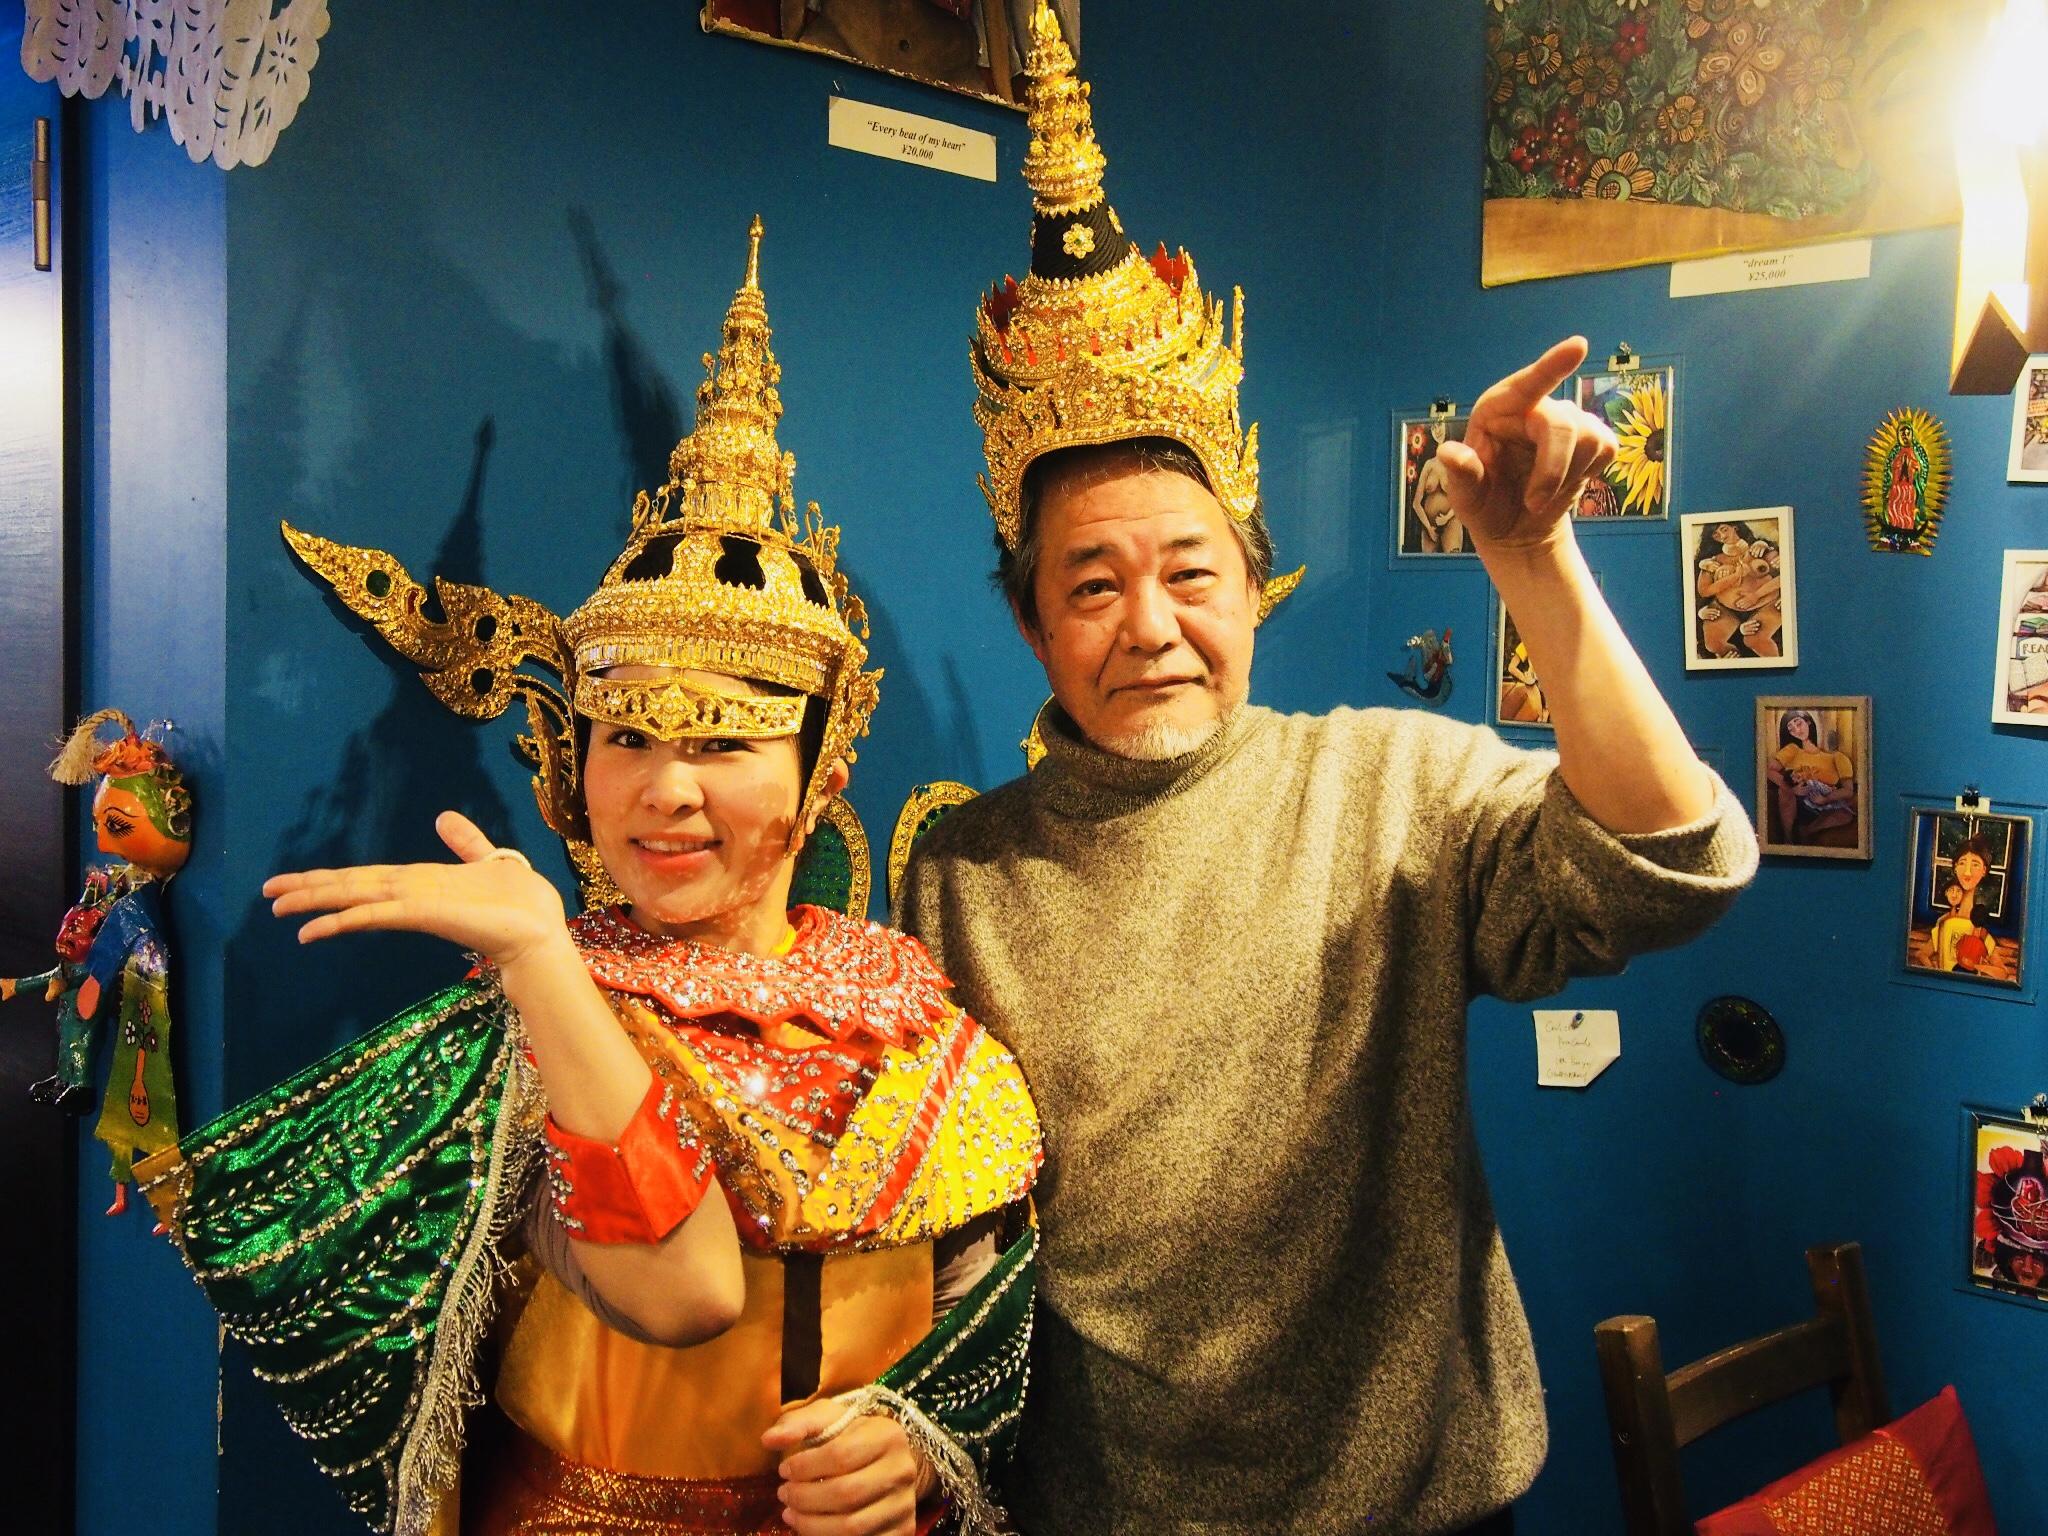 ついに!きんきらきんのタイの伝統舞踊民族衣装まで※SALAにあります。